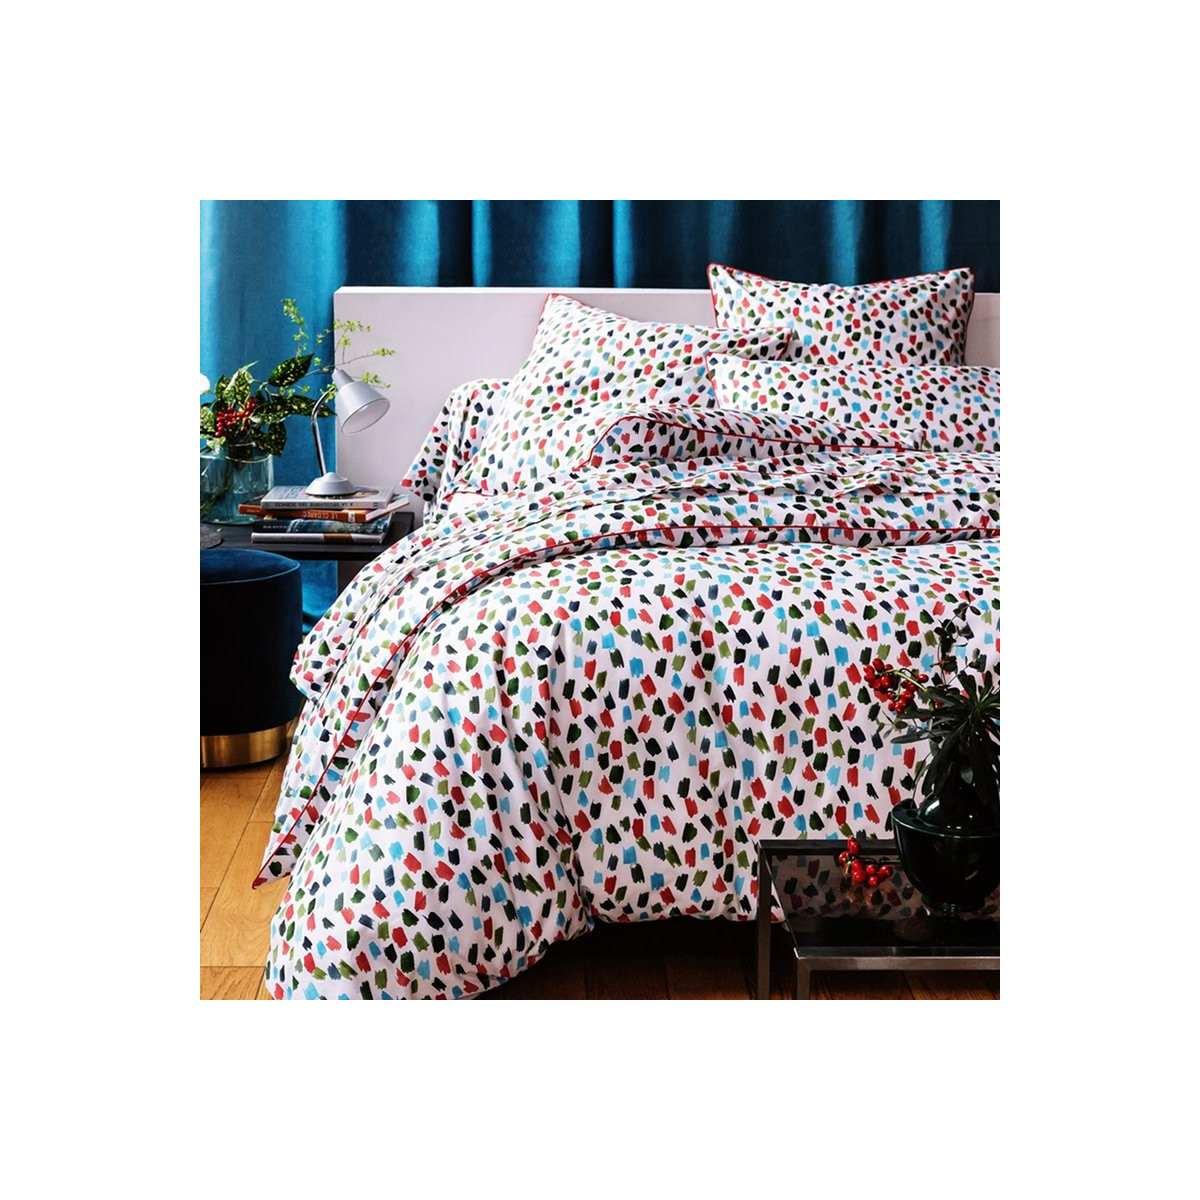 Drap-housse percale de coton 70 fils - Brush | Linge de lit percale de coton | Tradition des Vosges